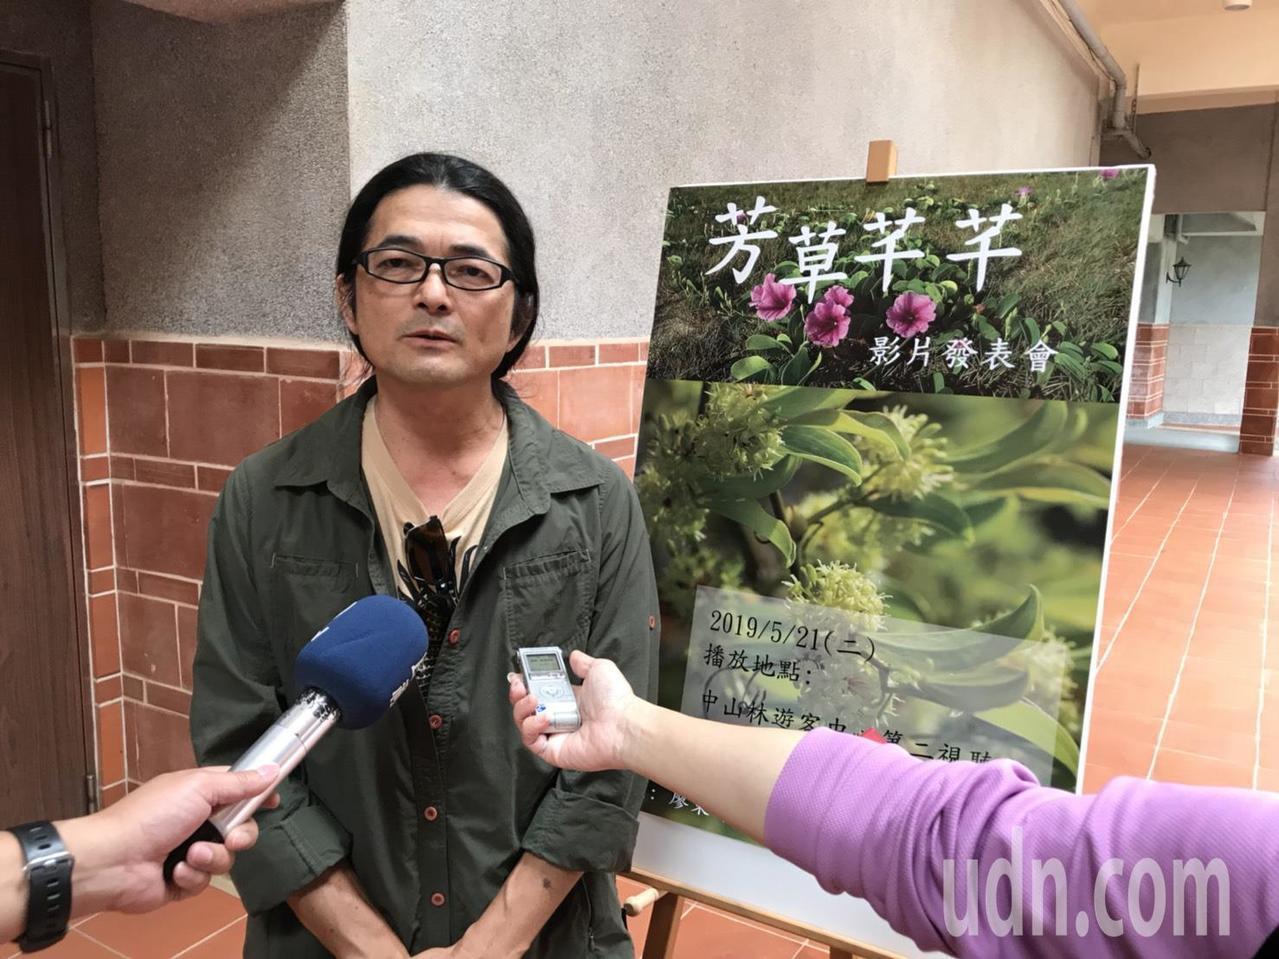 知名生態攝影專家廖東坤分享拍攝影片時的甘苦,還說因強颱「莫蘭蒂」重創金門,讓影片...